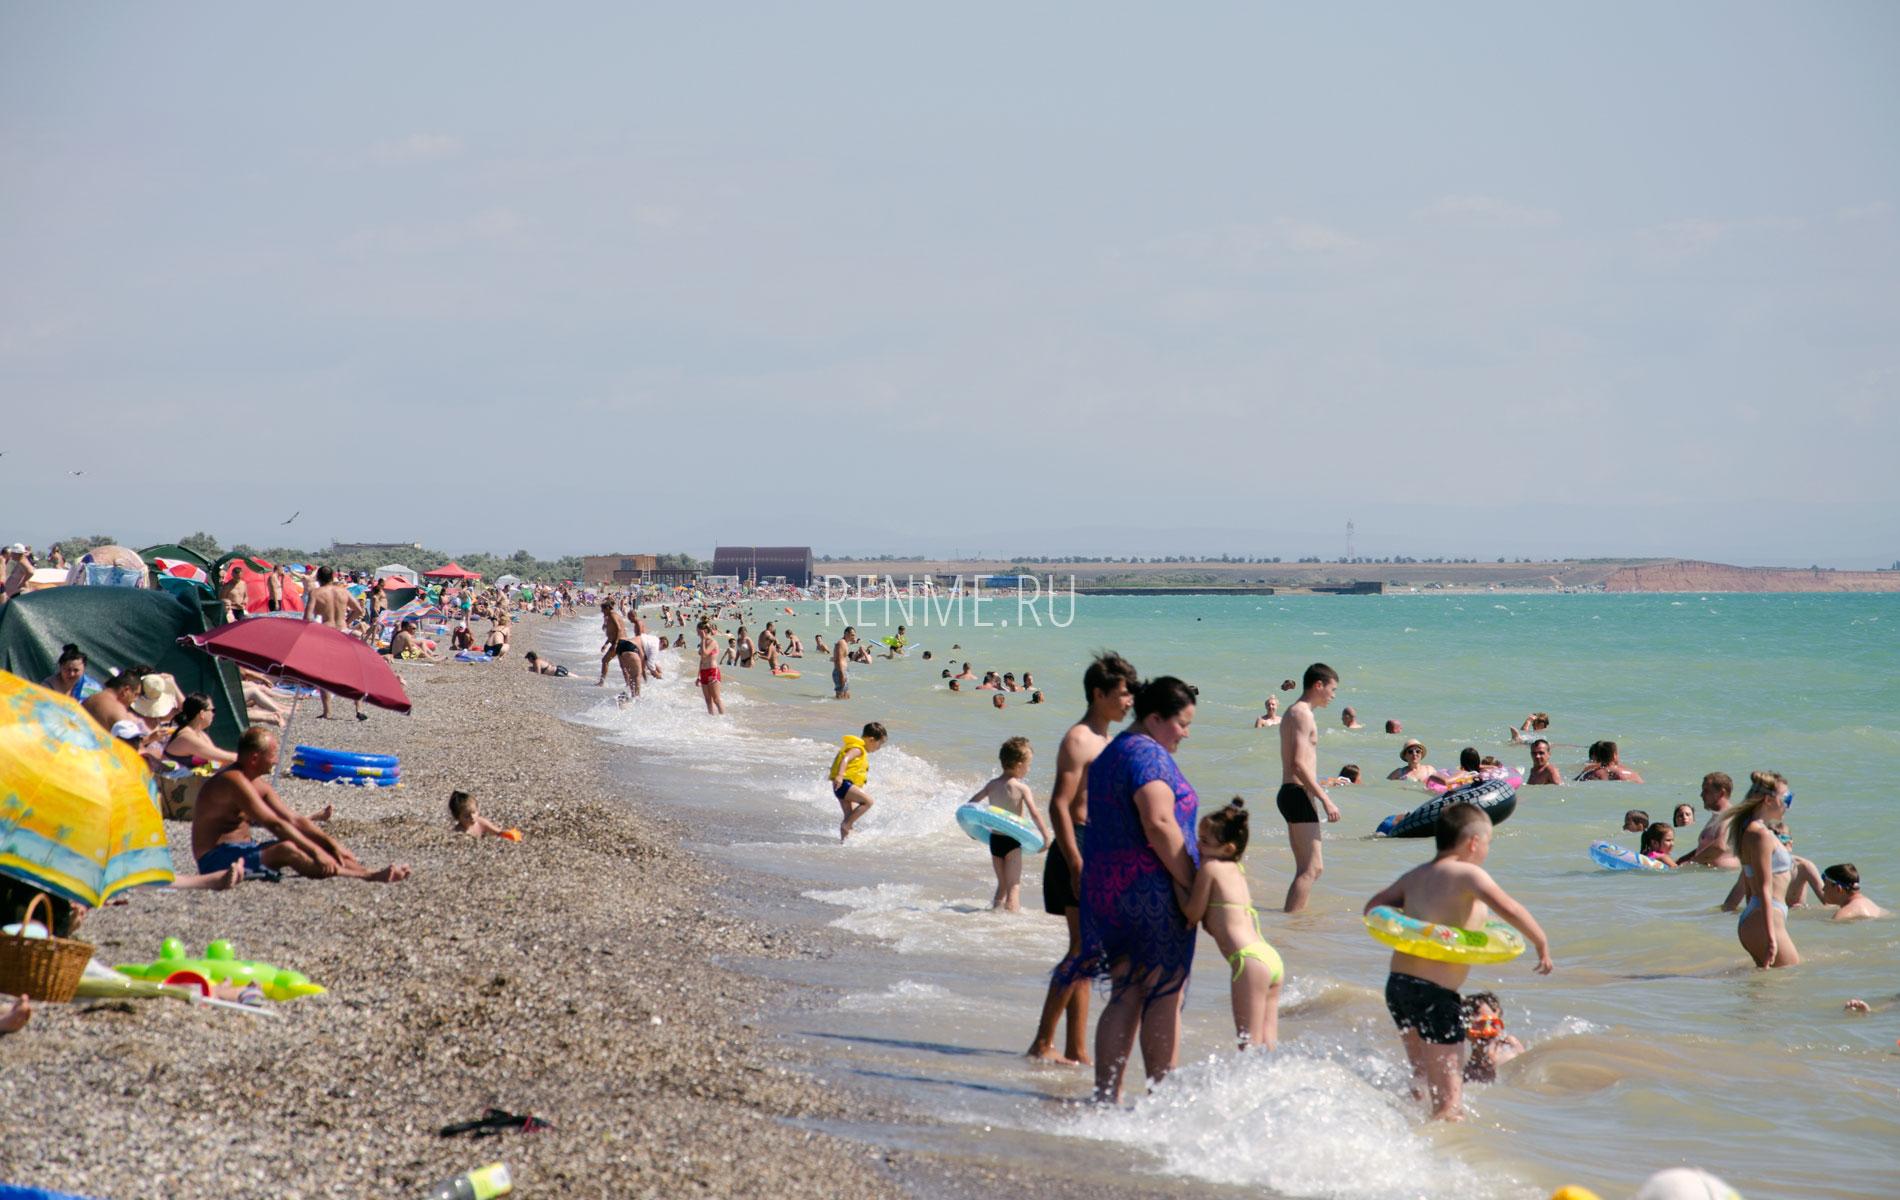 Маленький Крымский дикий пляж 2019. Фото Новофедоровки